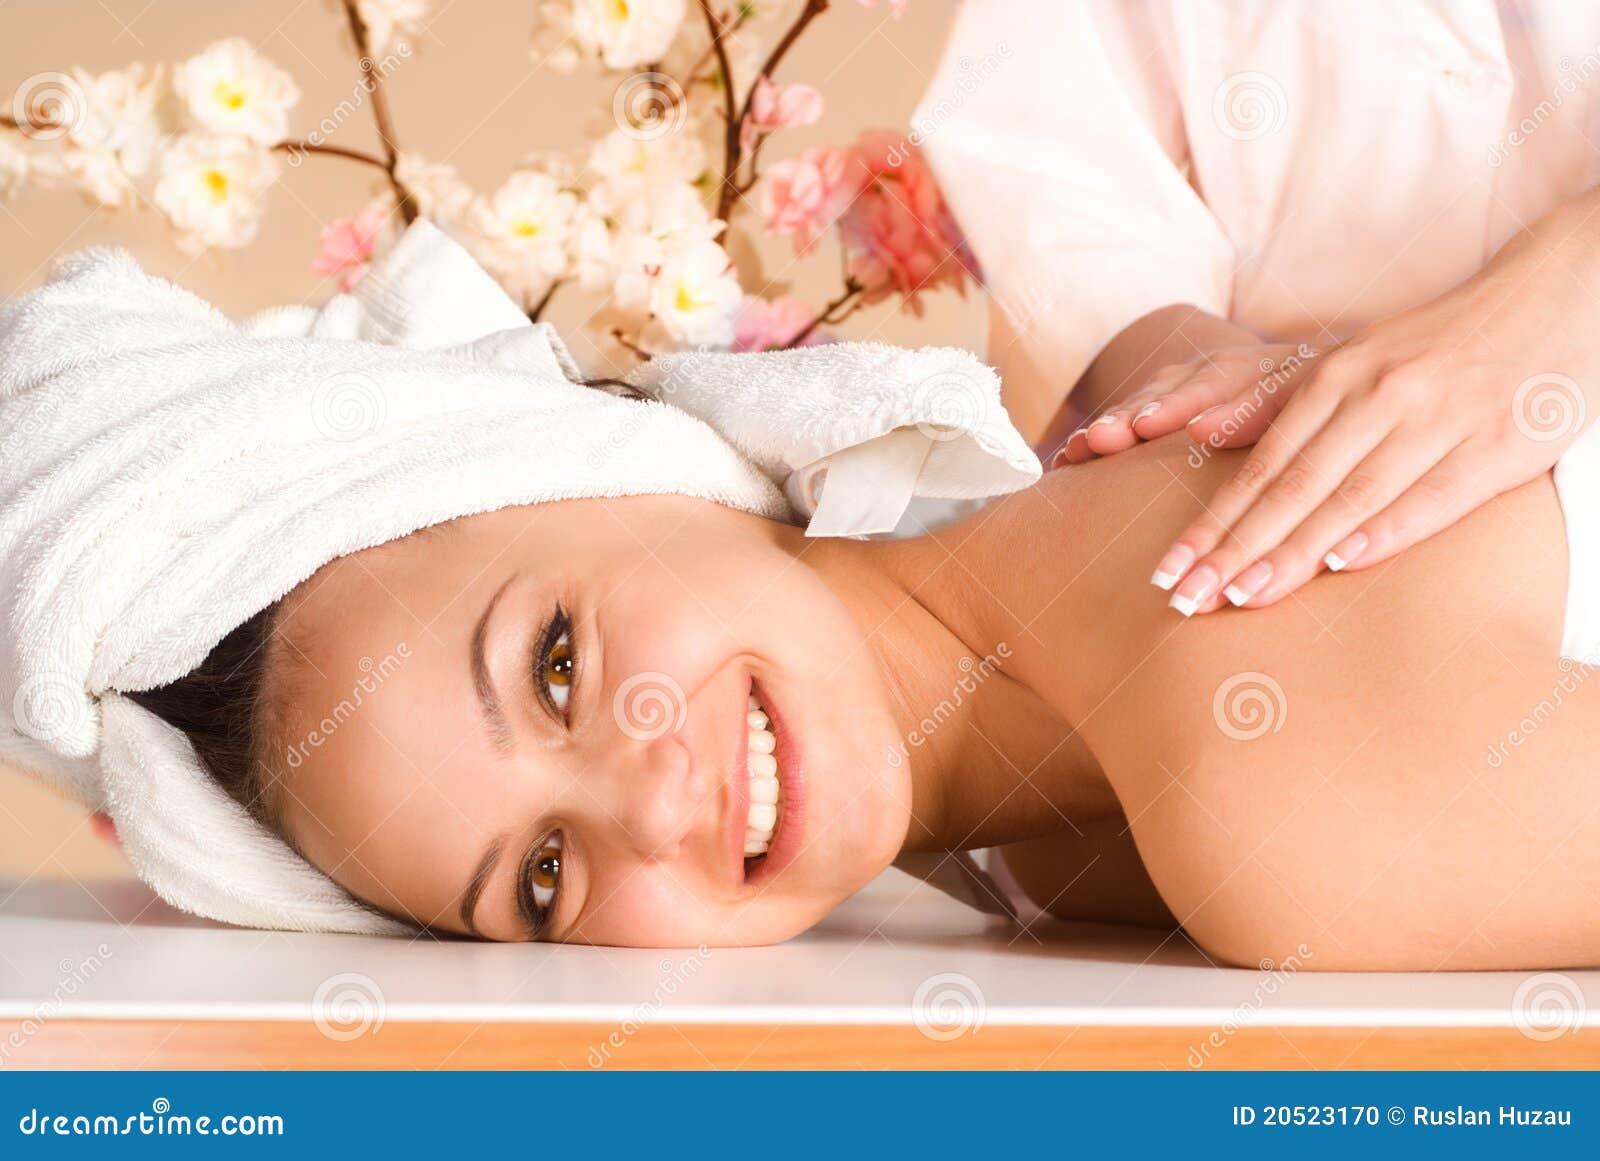 girl on girl massage skibhuspigerne